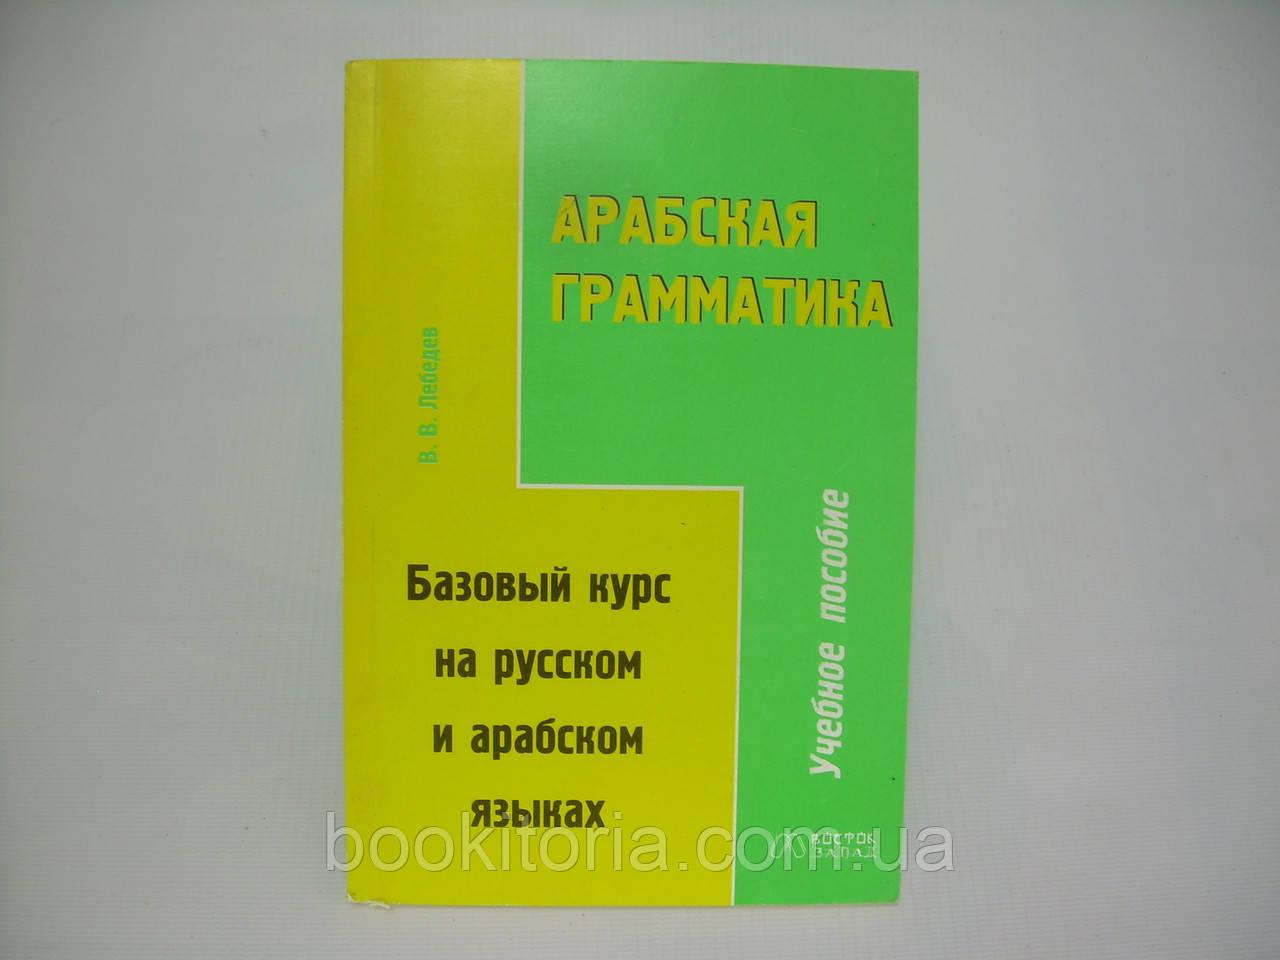 Лебедев В.В. Арабская грамматика. Базовый курс на русском и арабском языках (б/у).